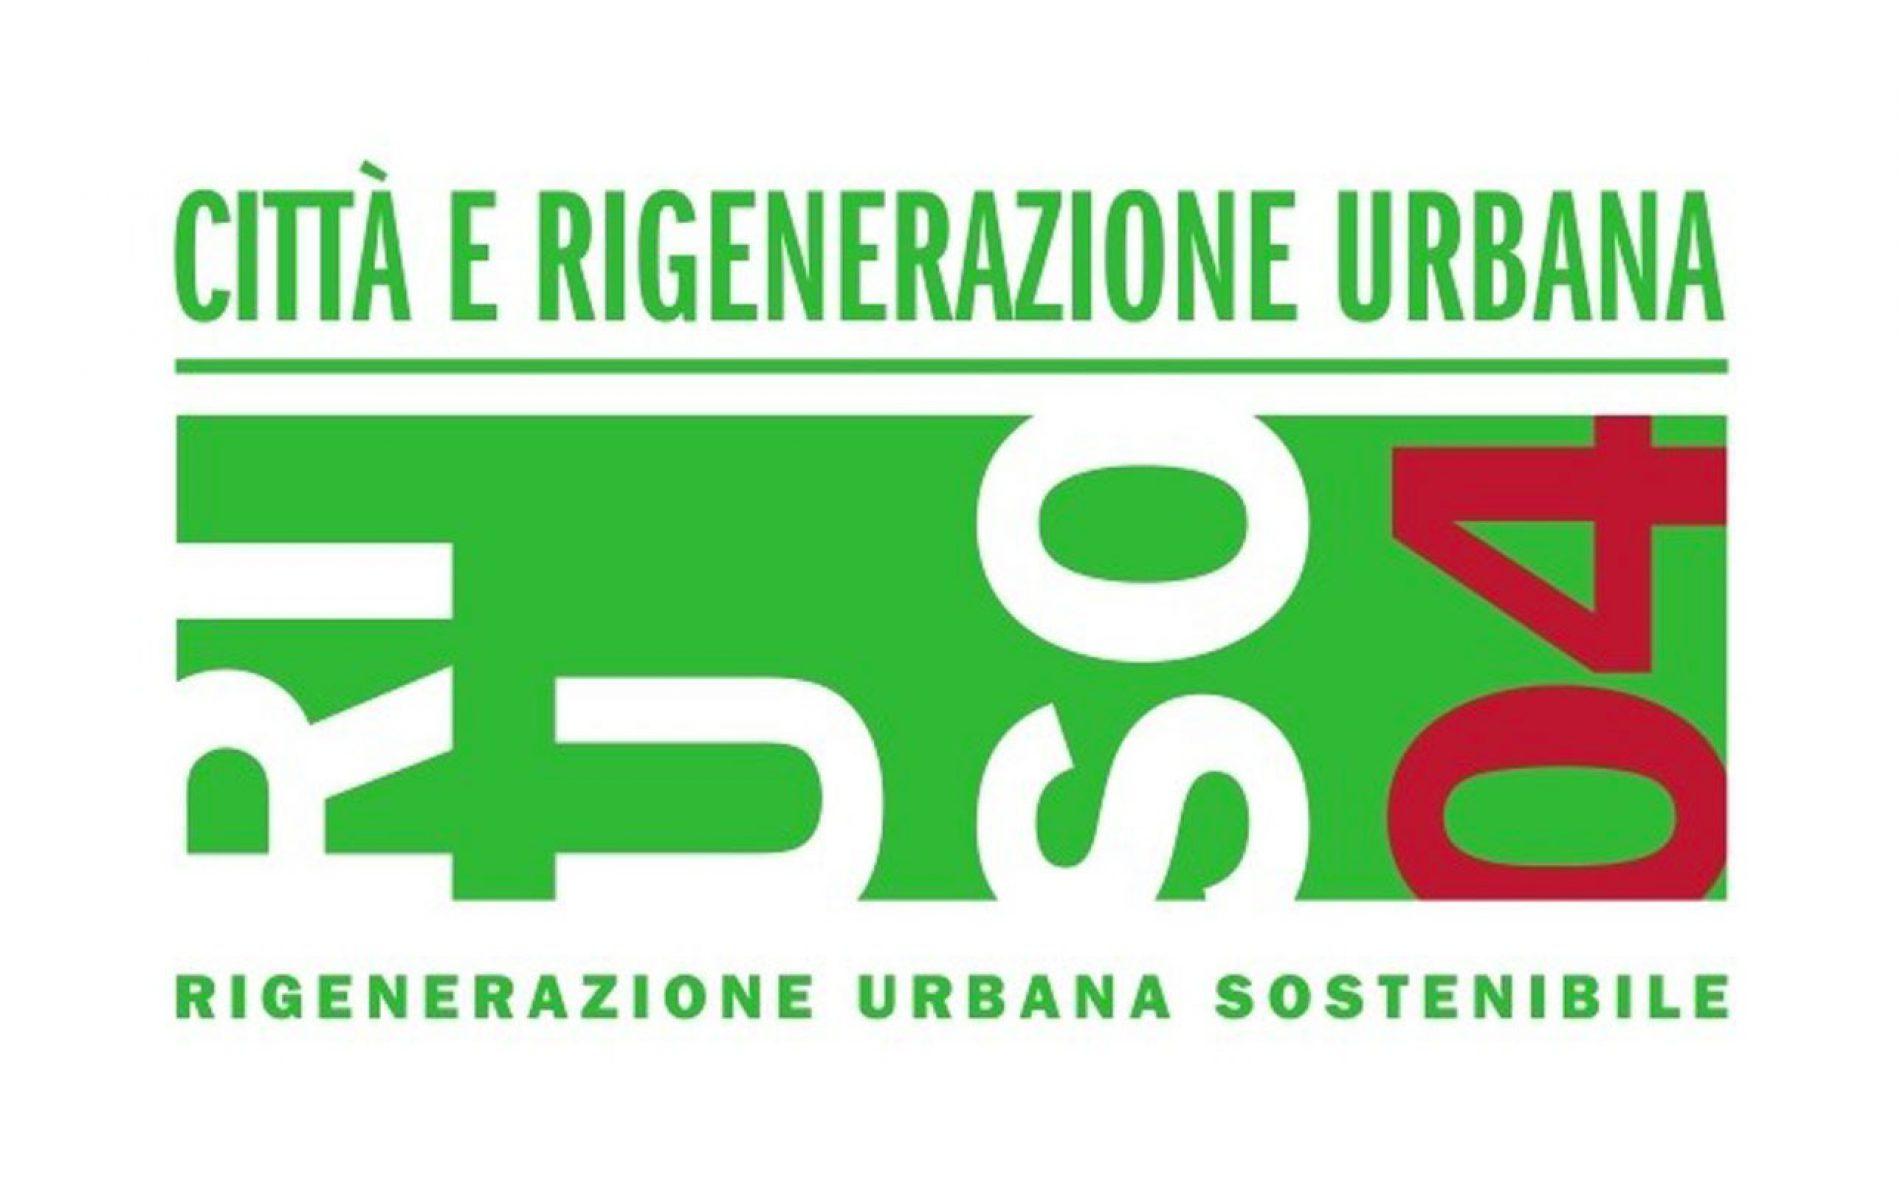 Ordine archietti: premio rigenerazione urbana entro 22 settembre